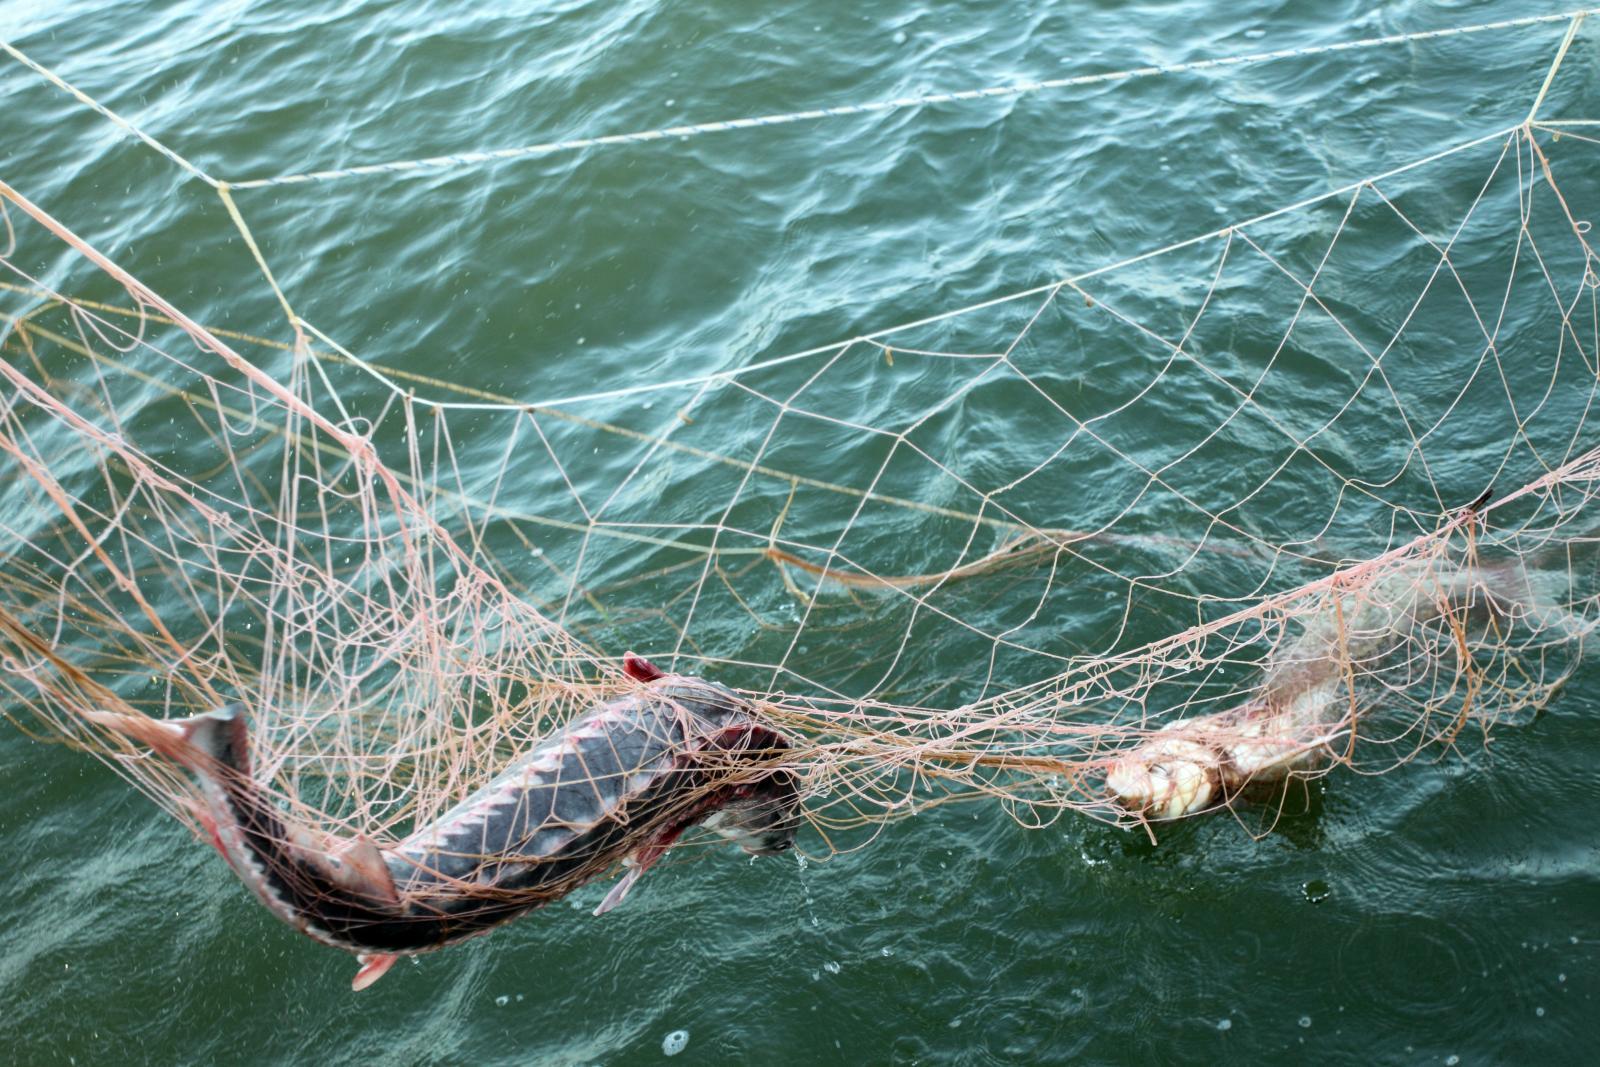 В Клинцах браконьер незаконно выловил 90 карасей